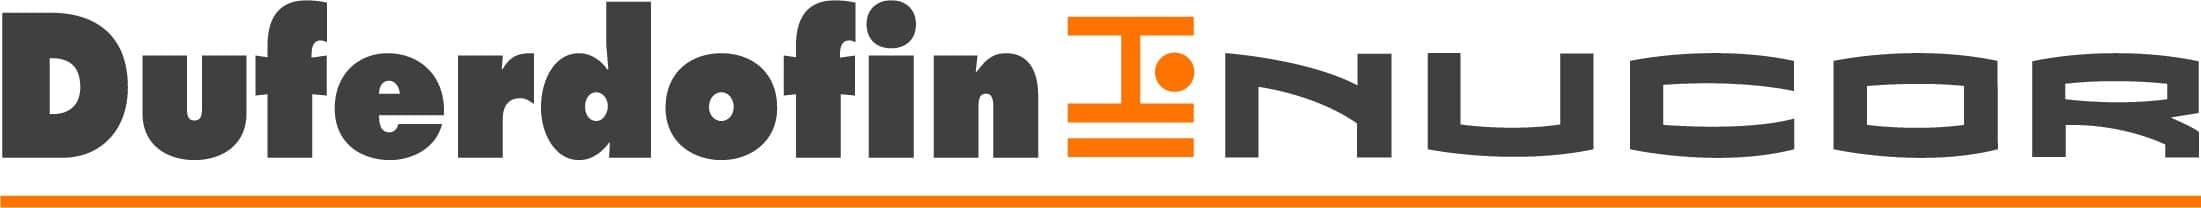 Duferdofin-Nucor logo